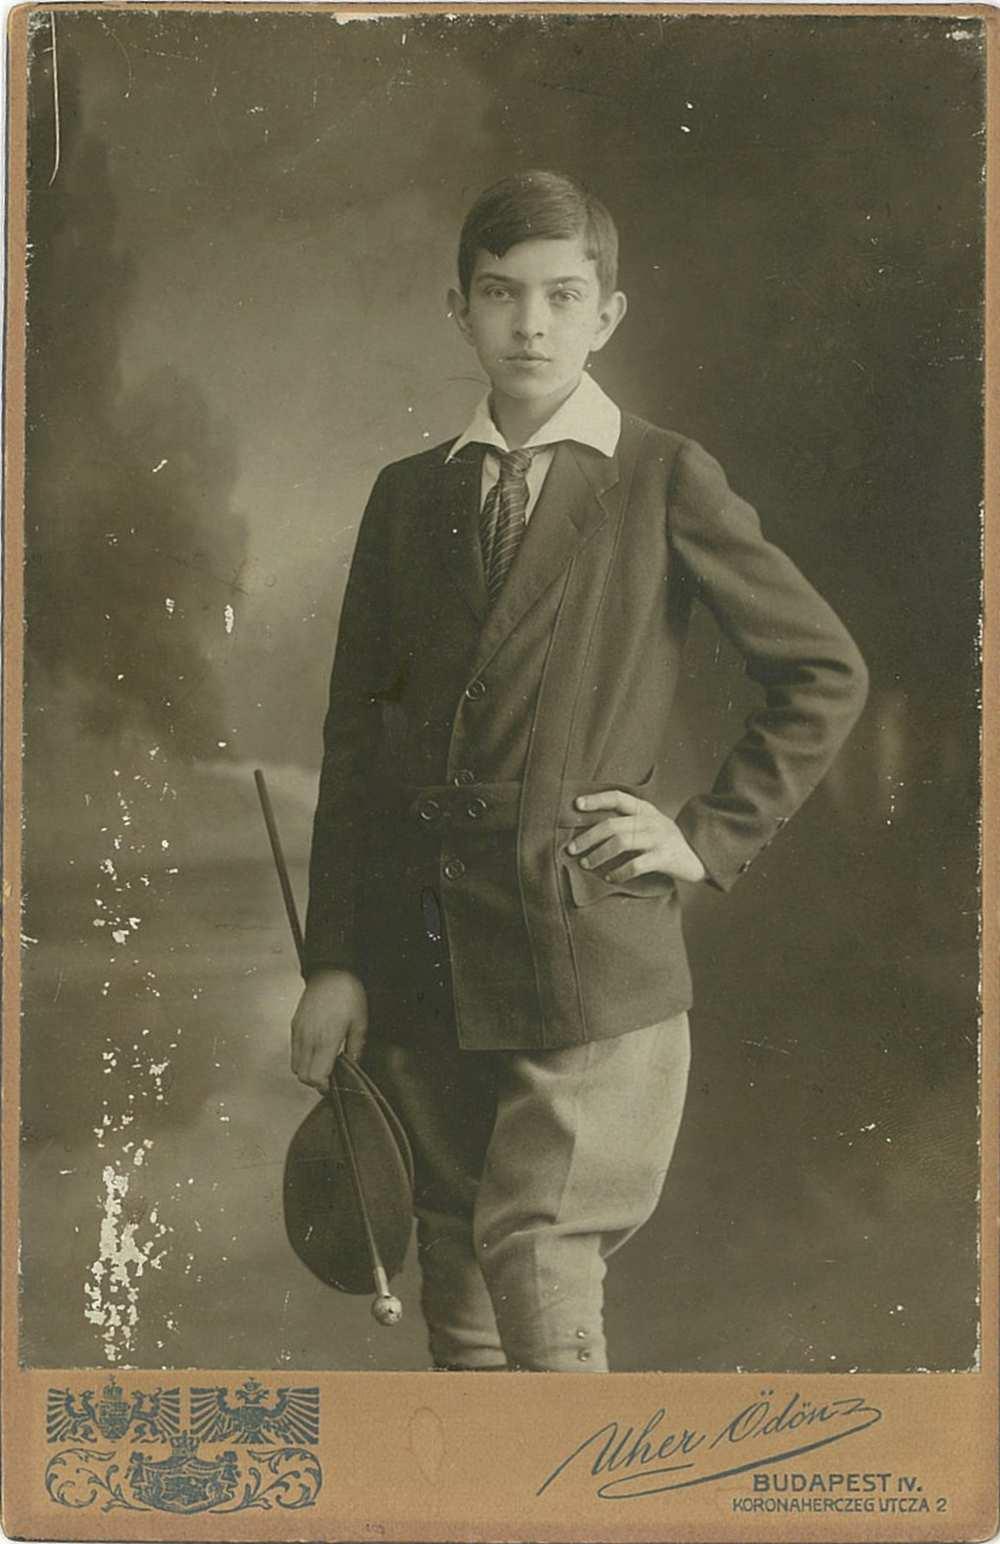 Oláh Gusztáv. Portré, 1914. Jelzet: KB 14.362 – Színháztörténeti és Zeneműtár